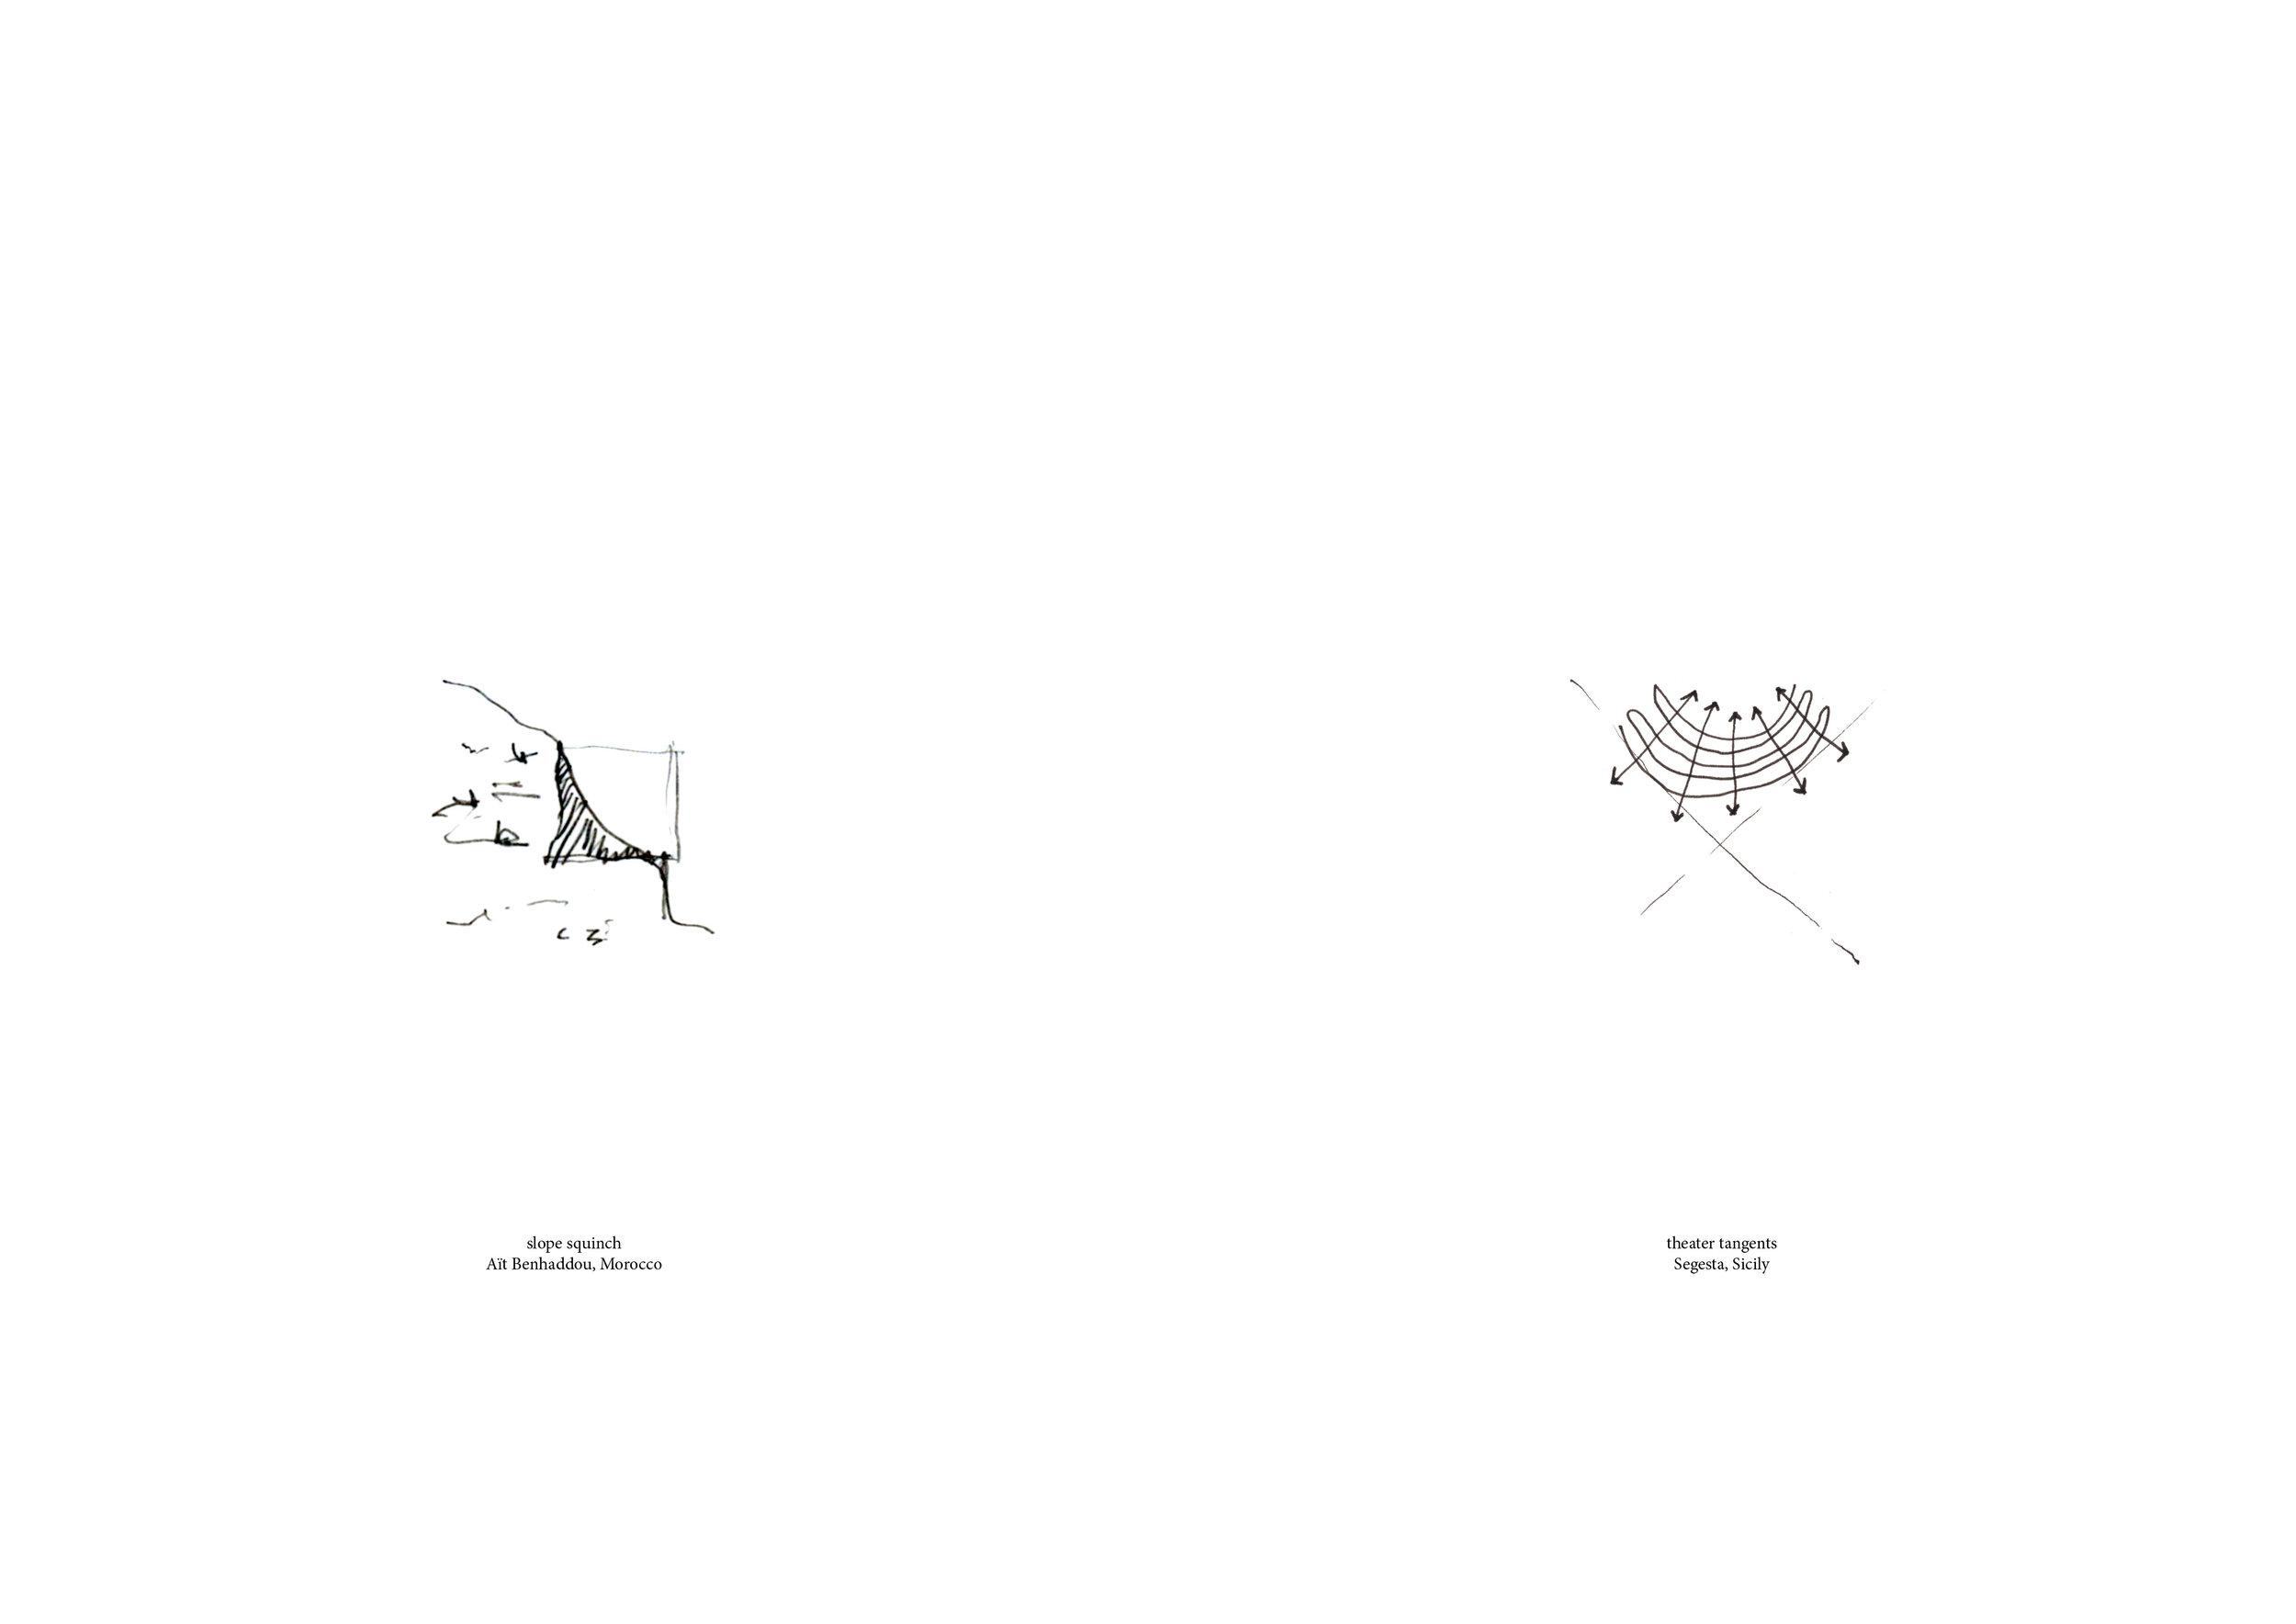 web diagram book print 36.jpg